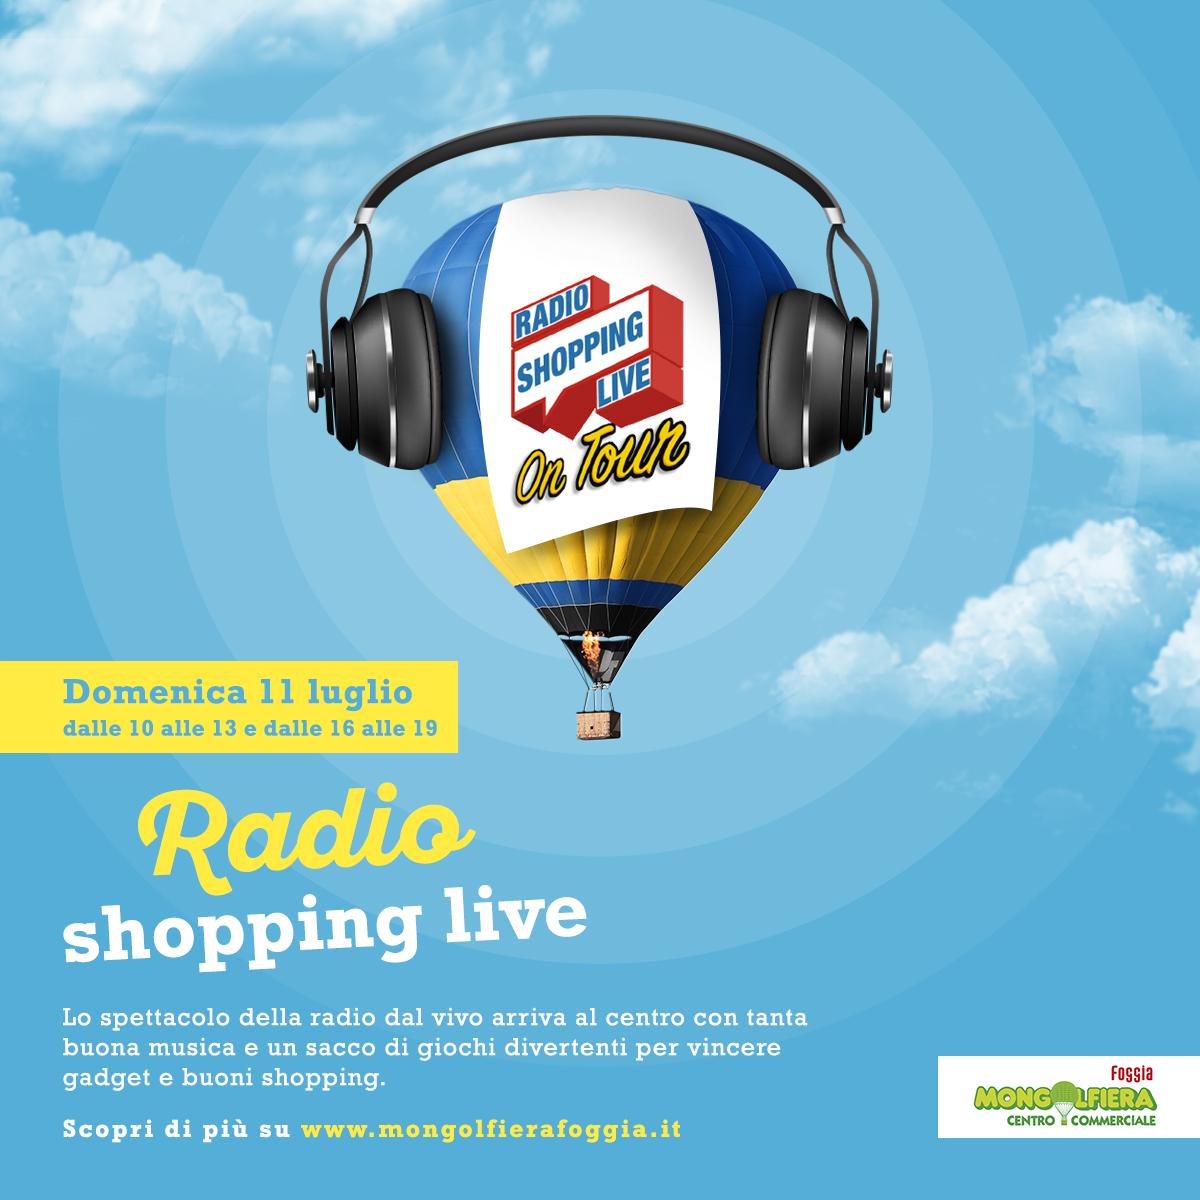 Radio Shopping Live On Tour al Mongolfiera Foggia